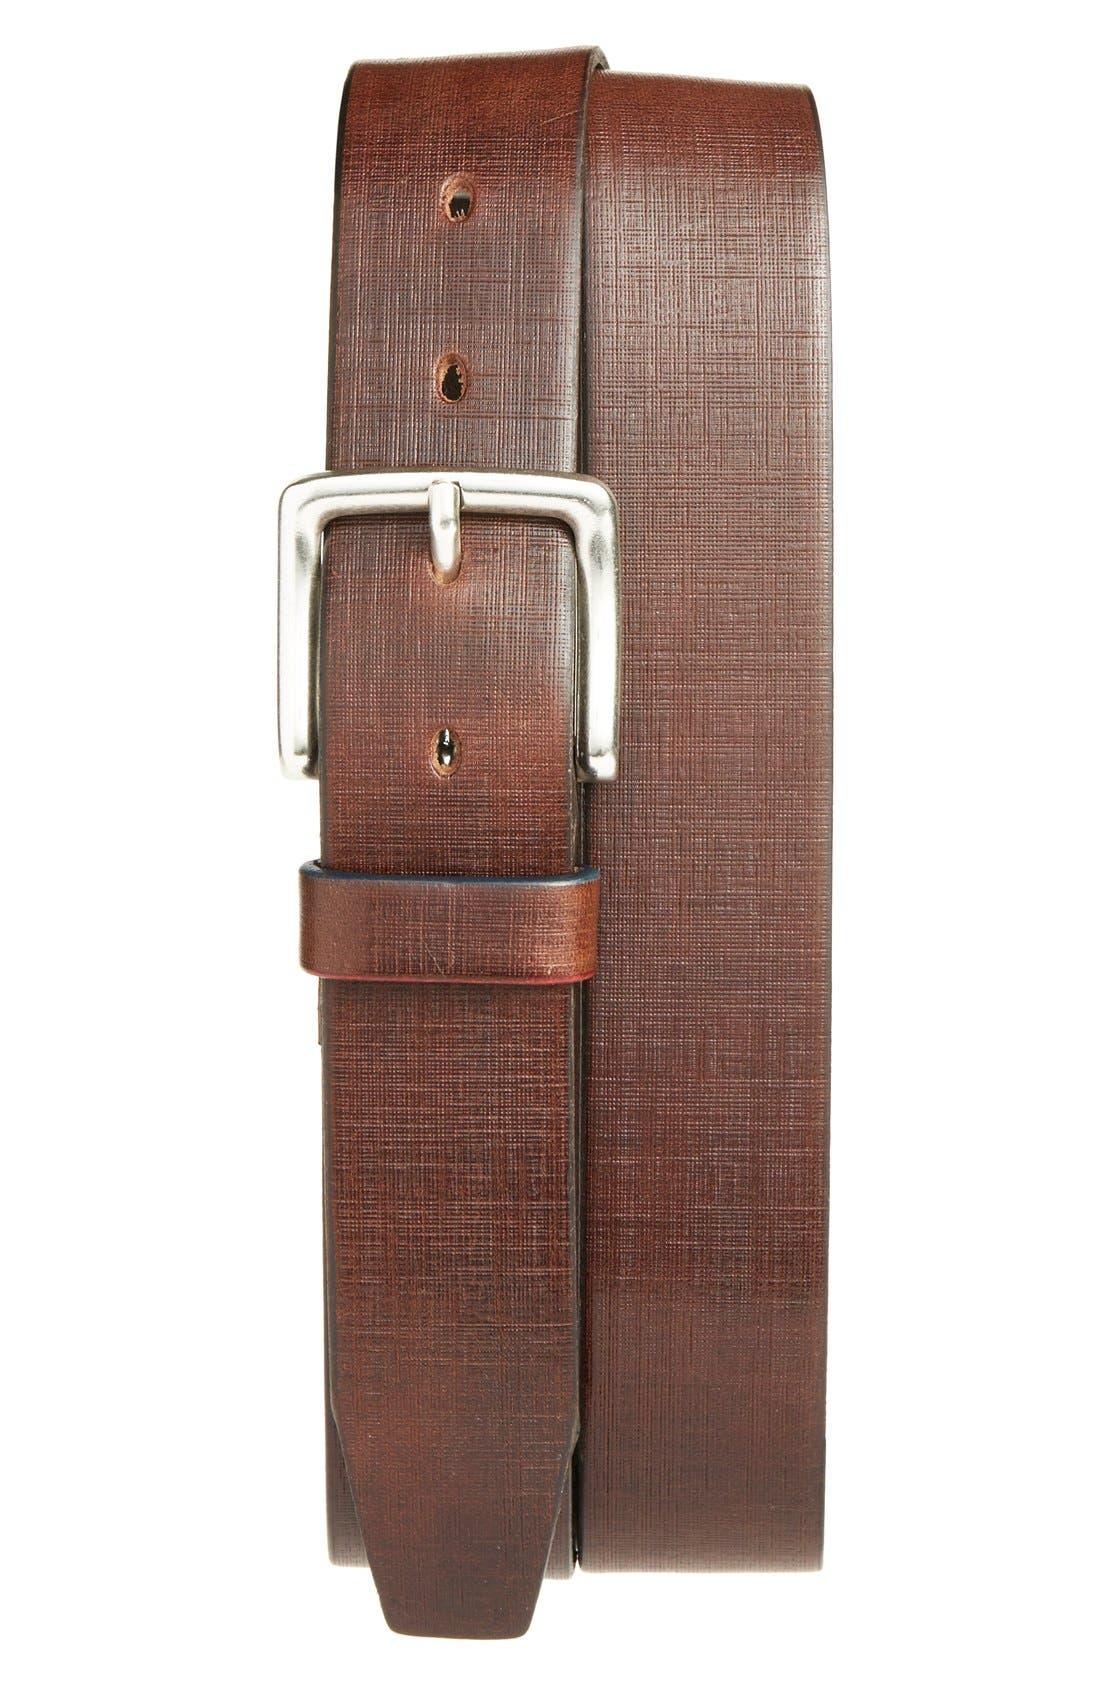 Main Image - Trafalgar Leather Belt